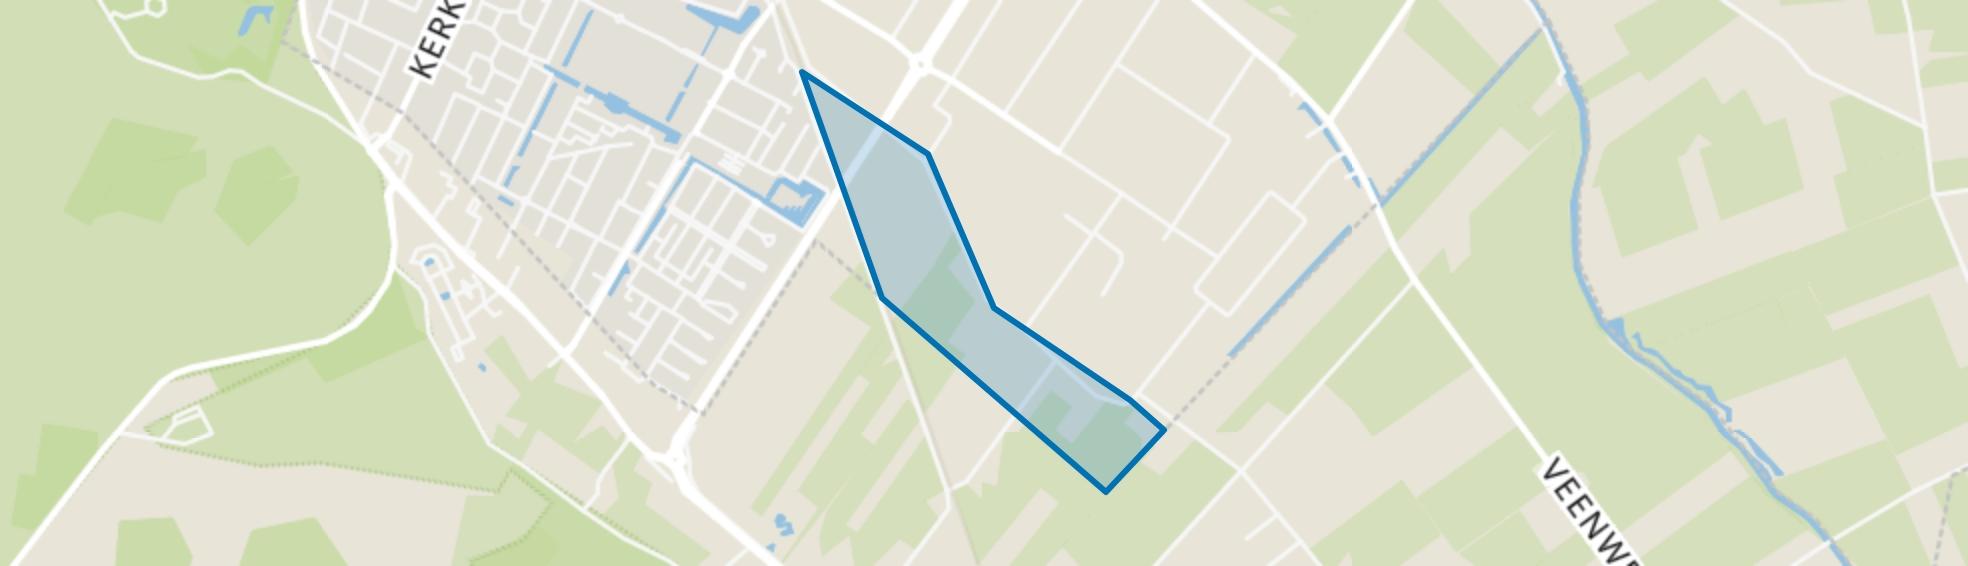 Bezuiden de Middelbuurtseweg, Veenendaal map